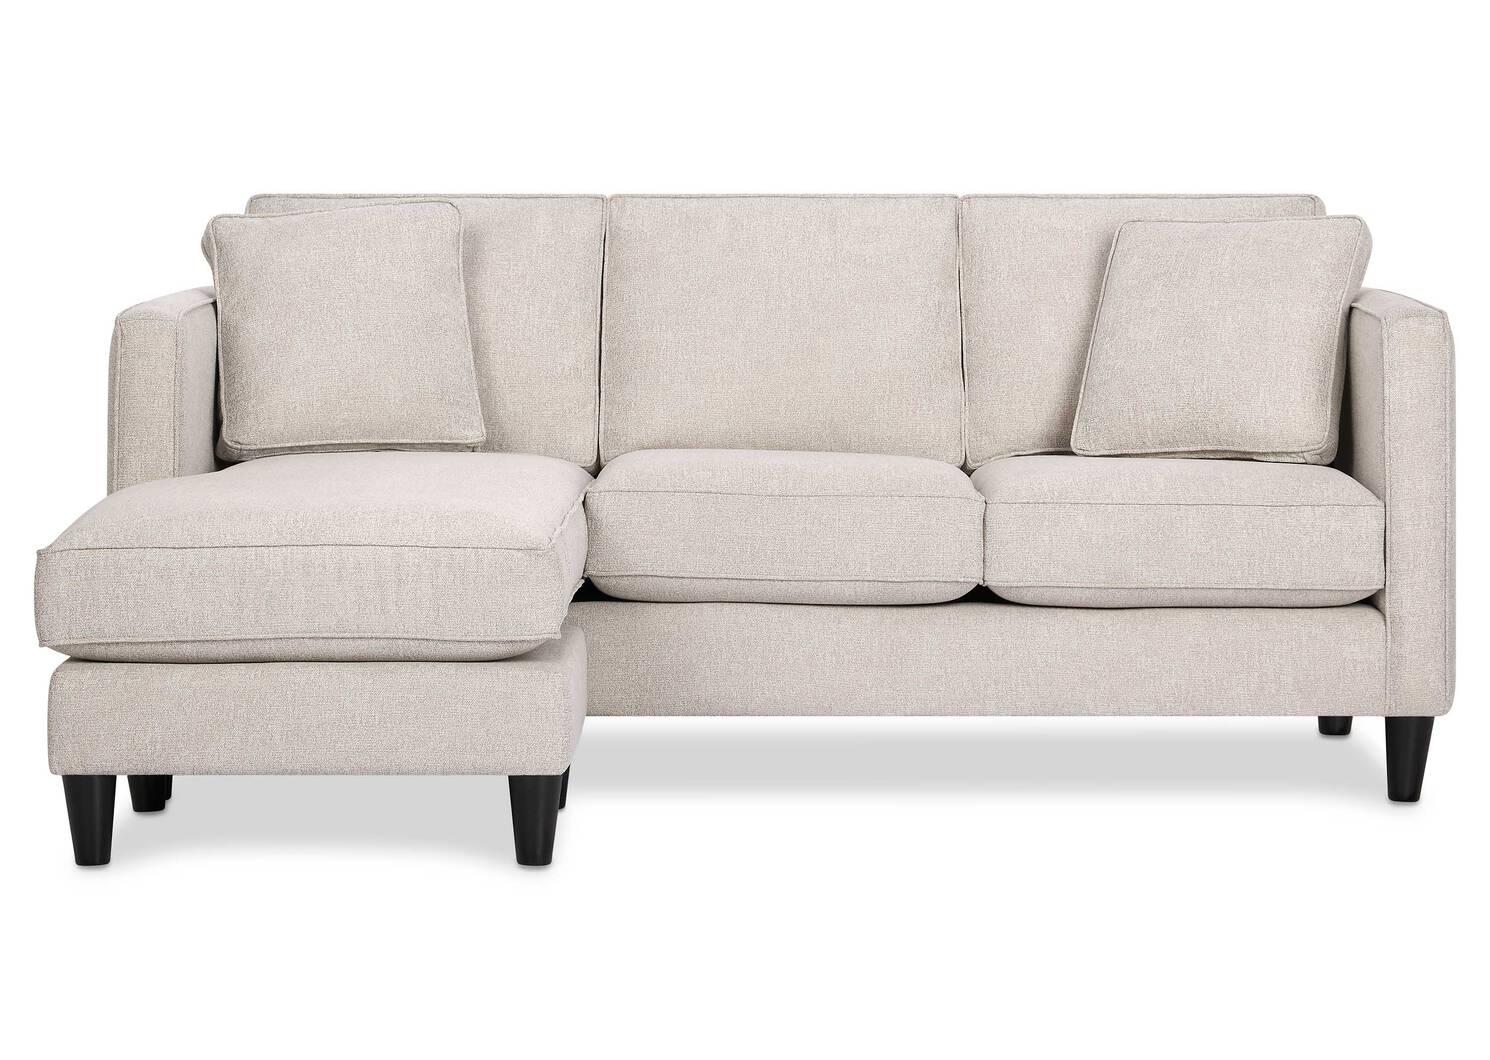 Lure Sofa Chaise -Aiden Platinum